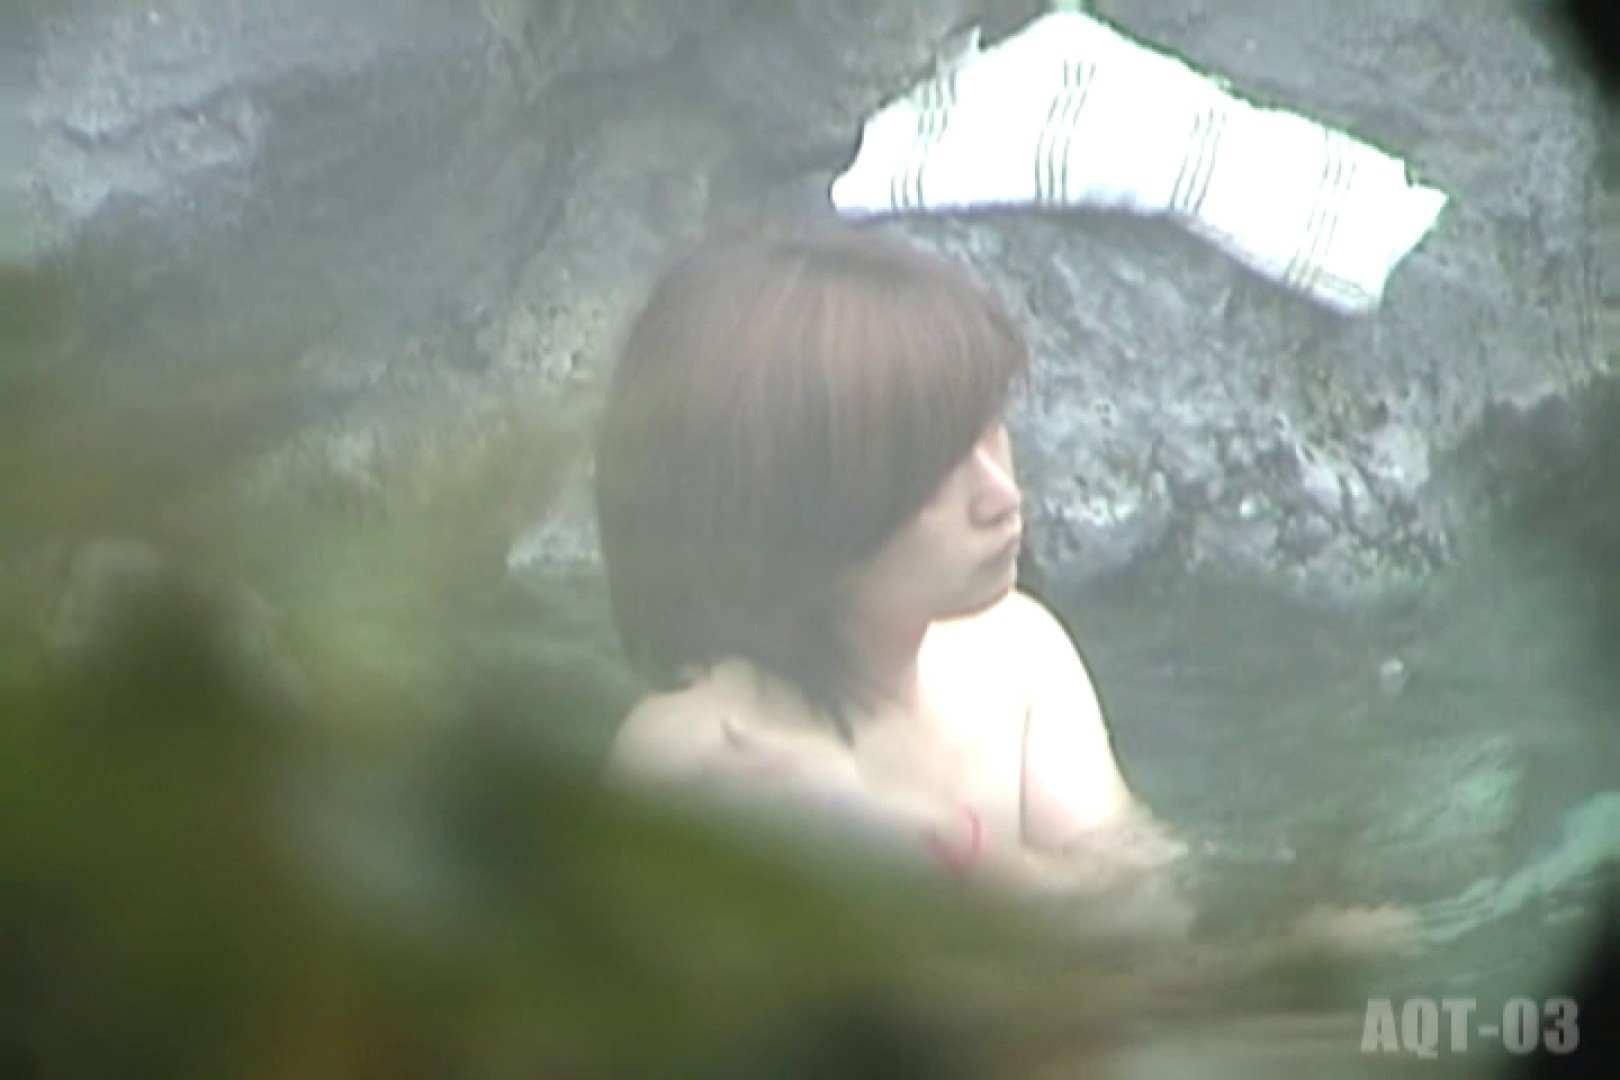 Aquaな露天風呂Vol.731 OLハメ撮り  104Pix 86